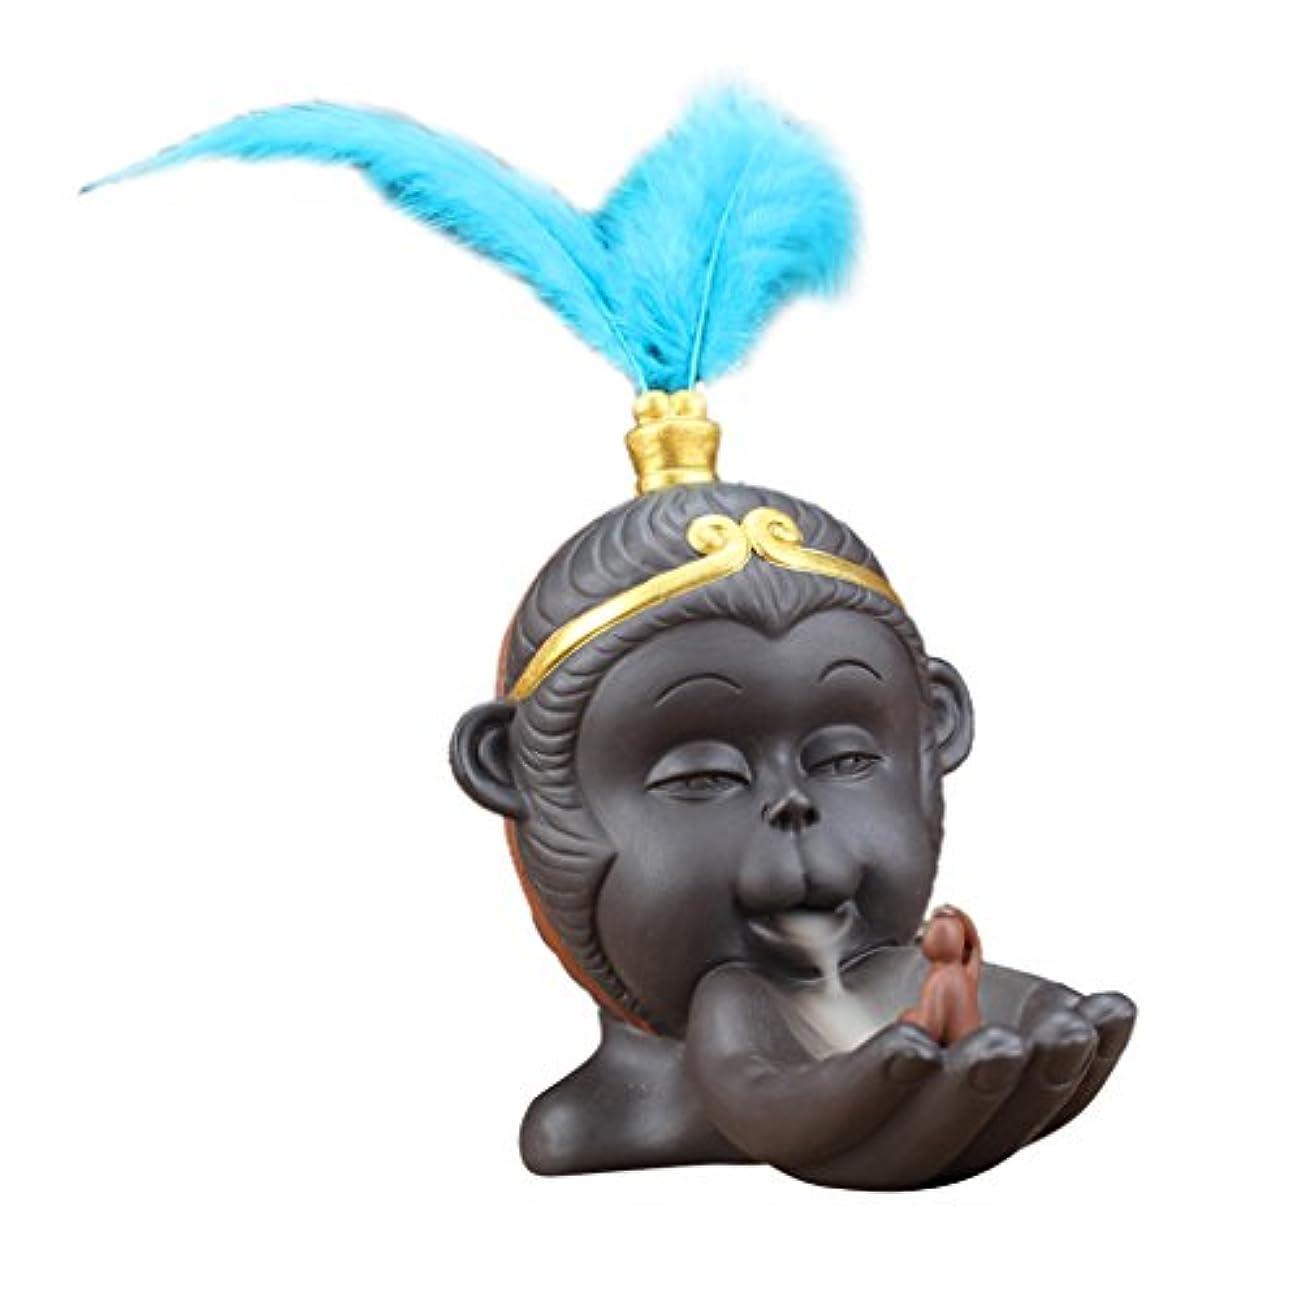 セマフォ臨検め言葉Homyl ヴィンテージ 仏教 香炉 バーナーホルダー 逆流コーン 香バーナー 全2色 - 青